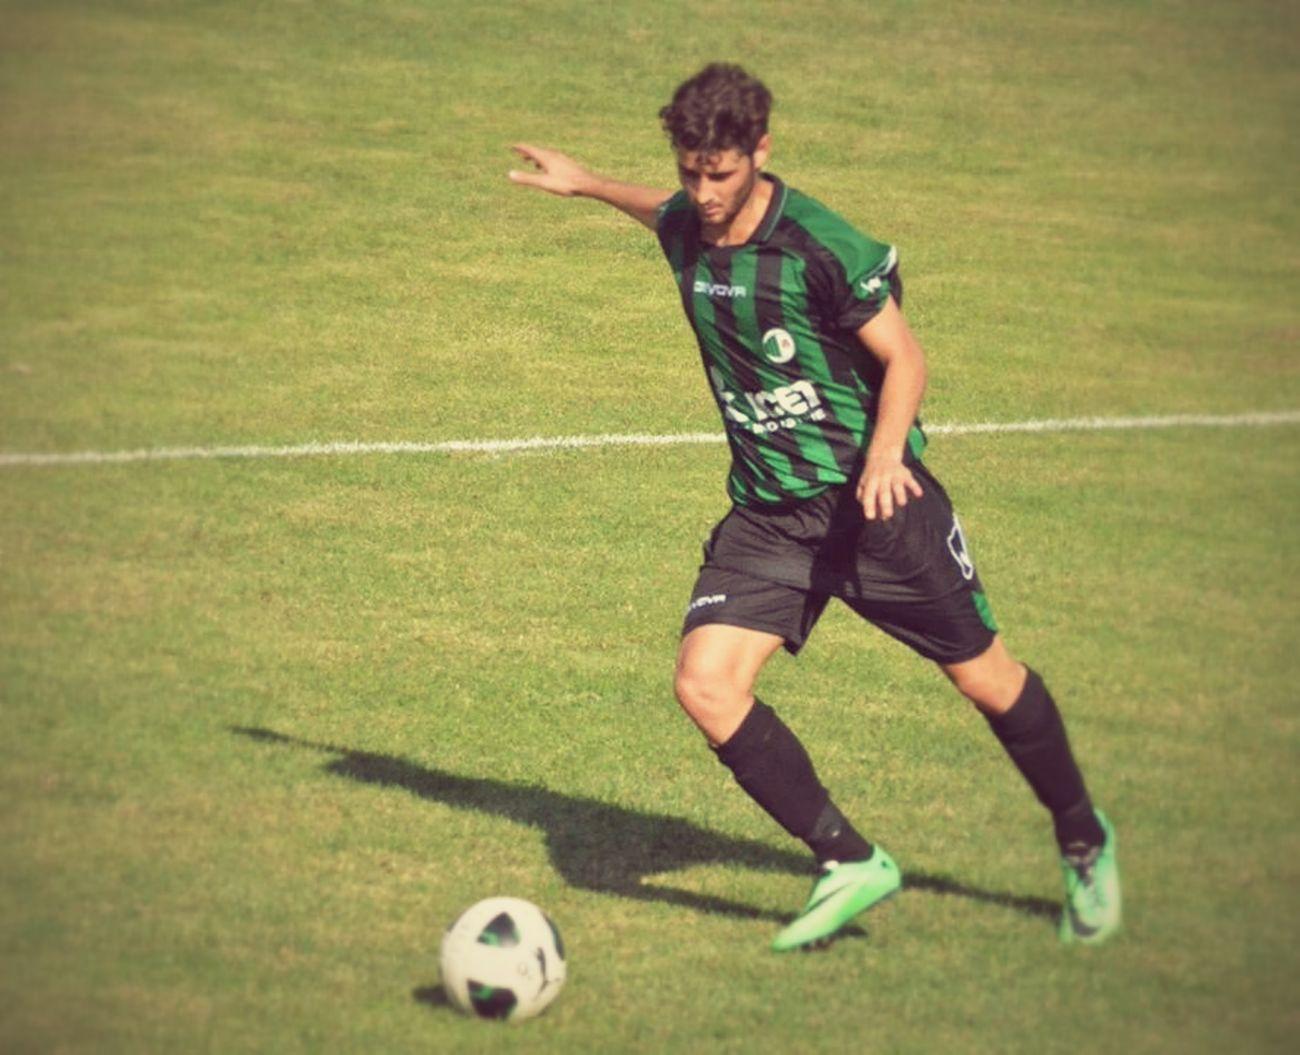 Game Soccer Goal Team ⚽